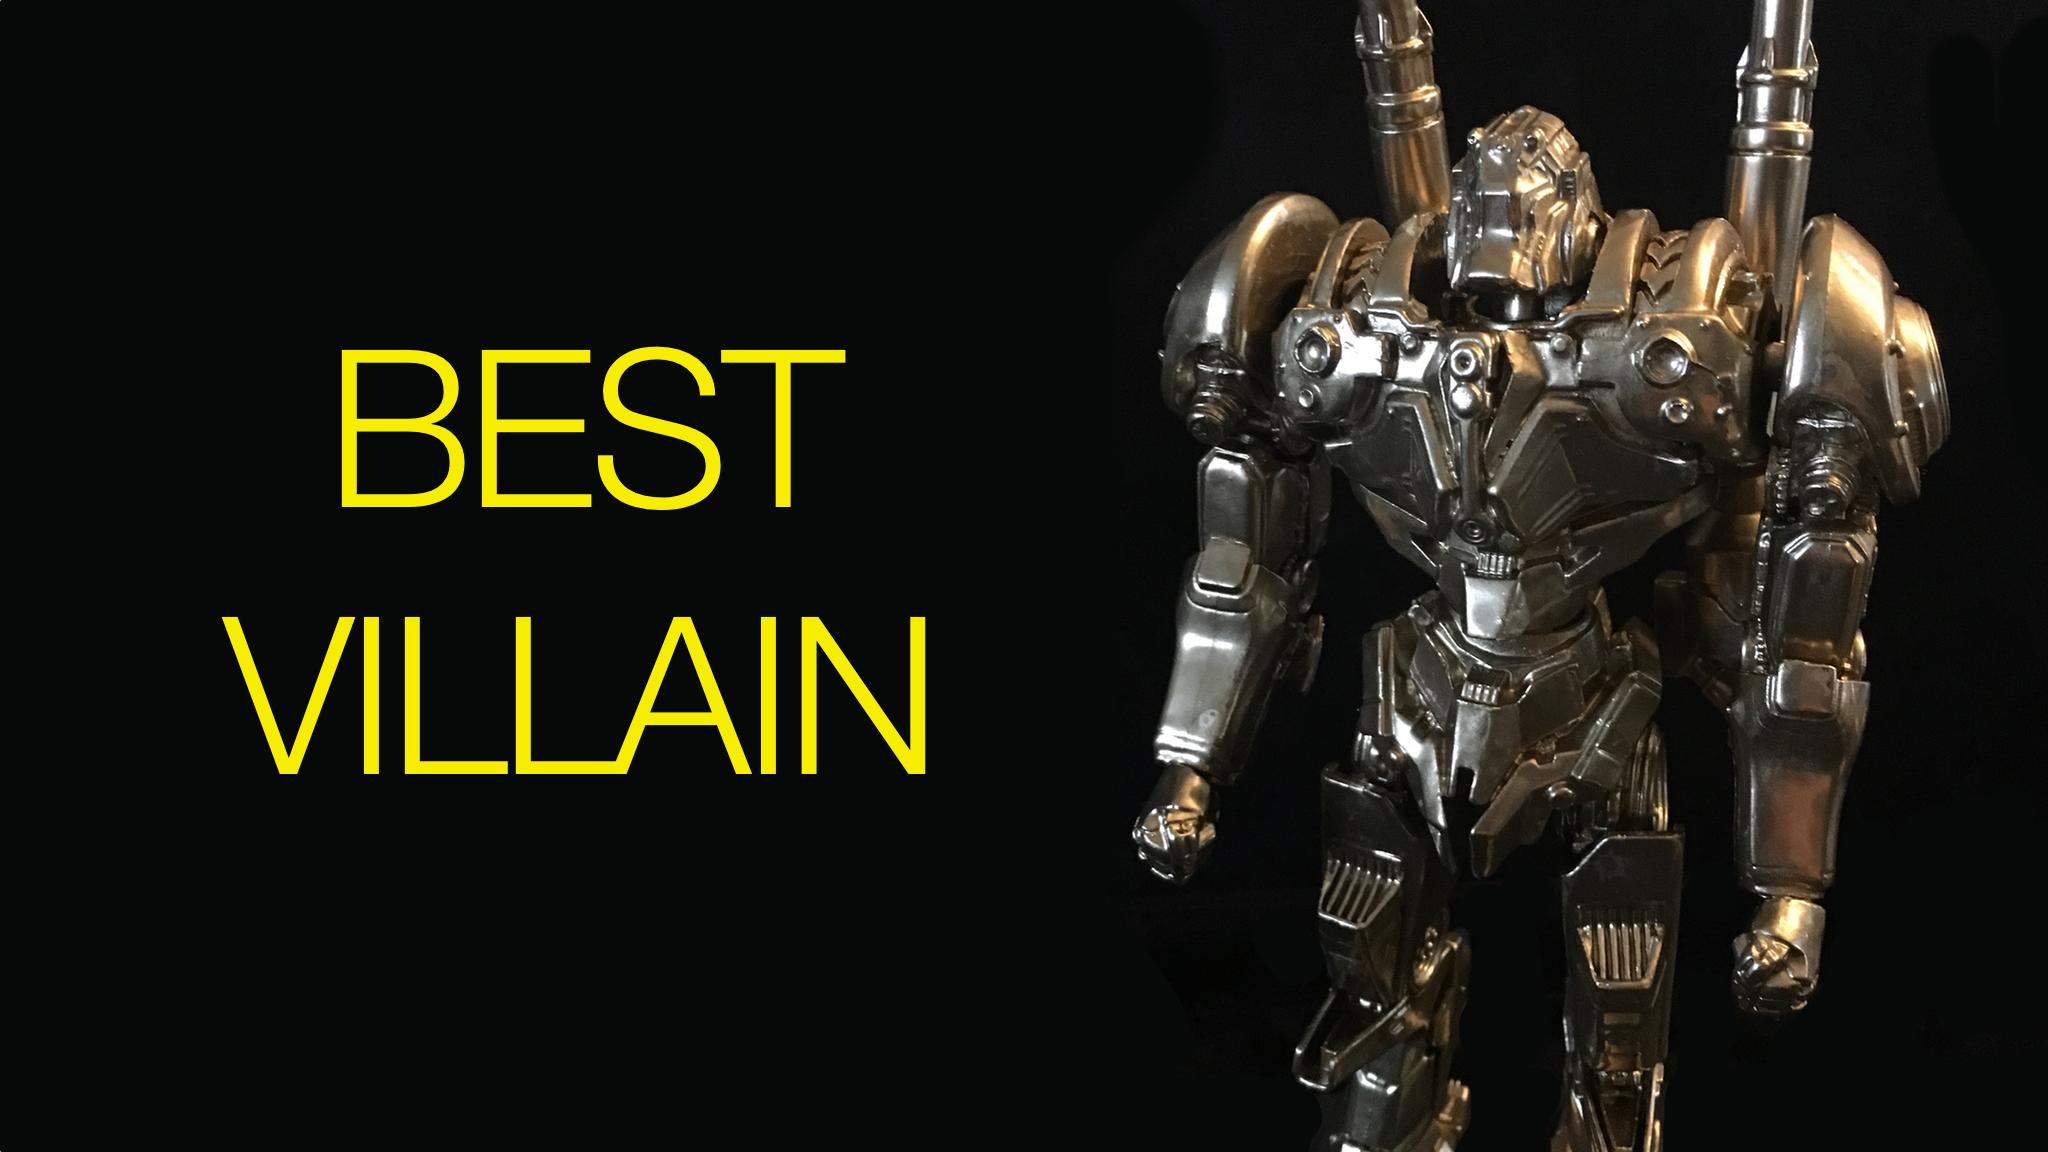 BEST VILLAIN 2048X1152.jpg